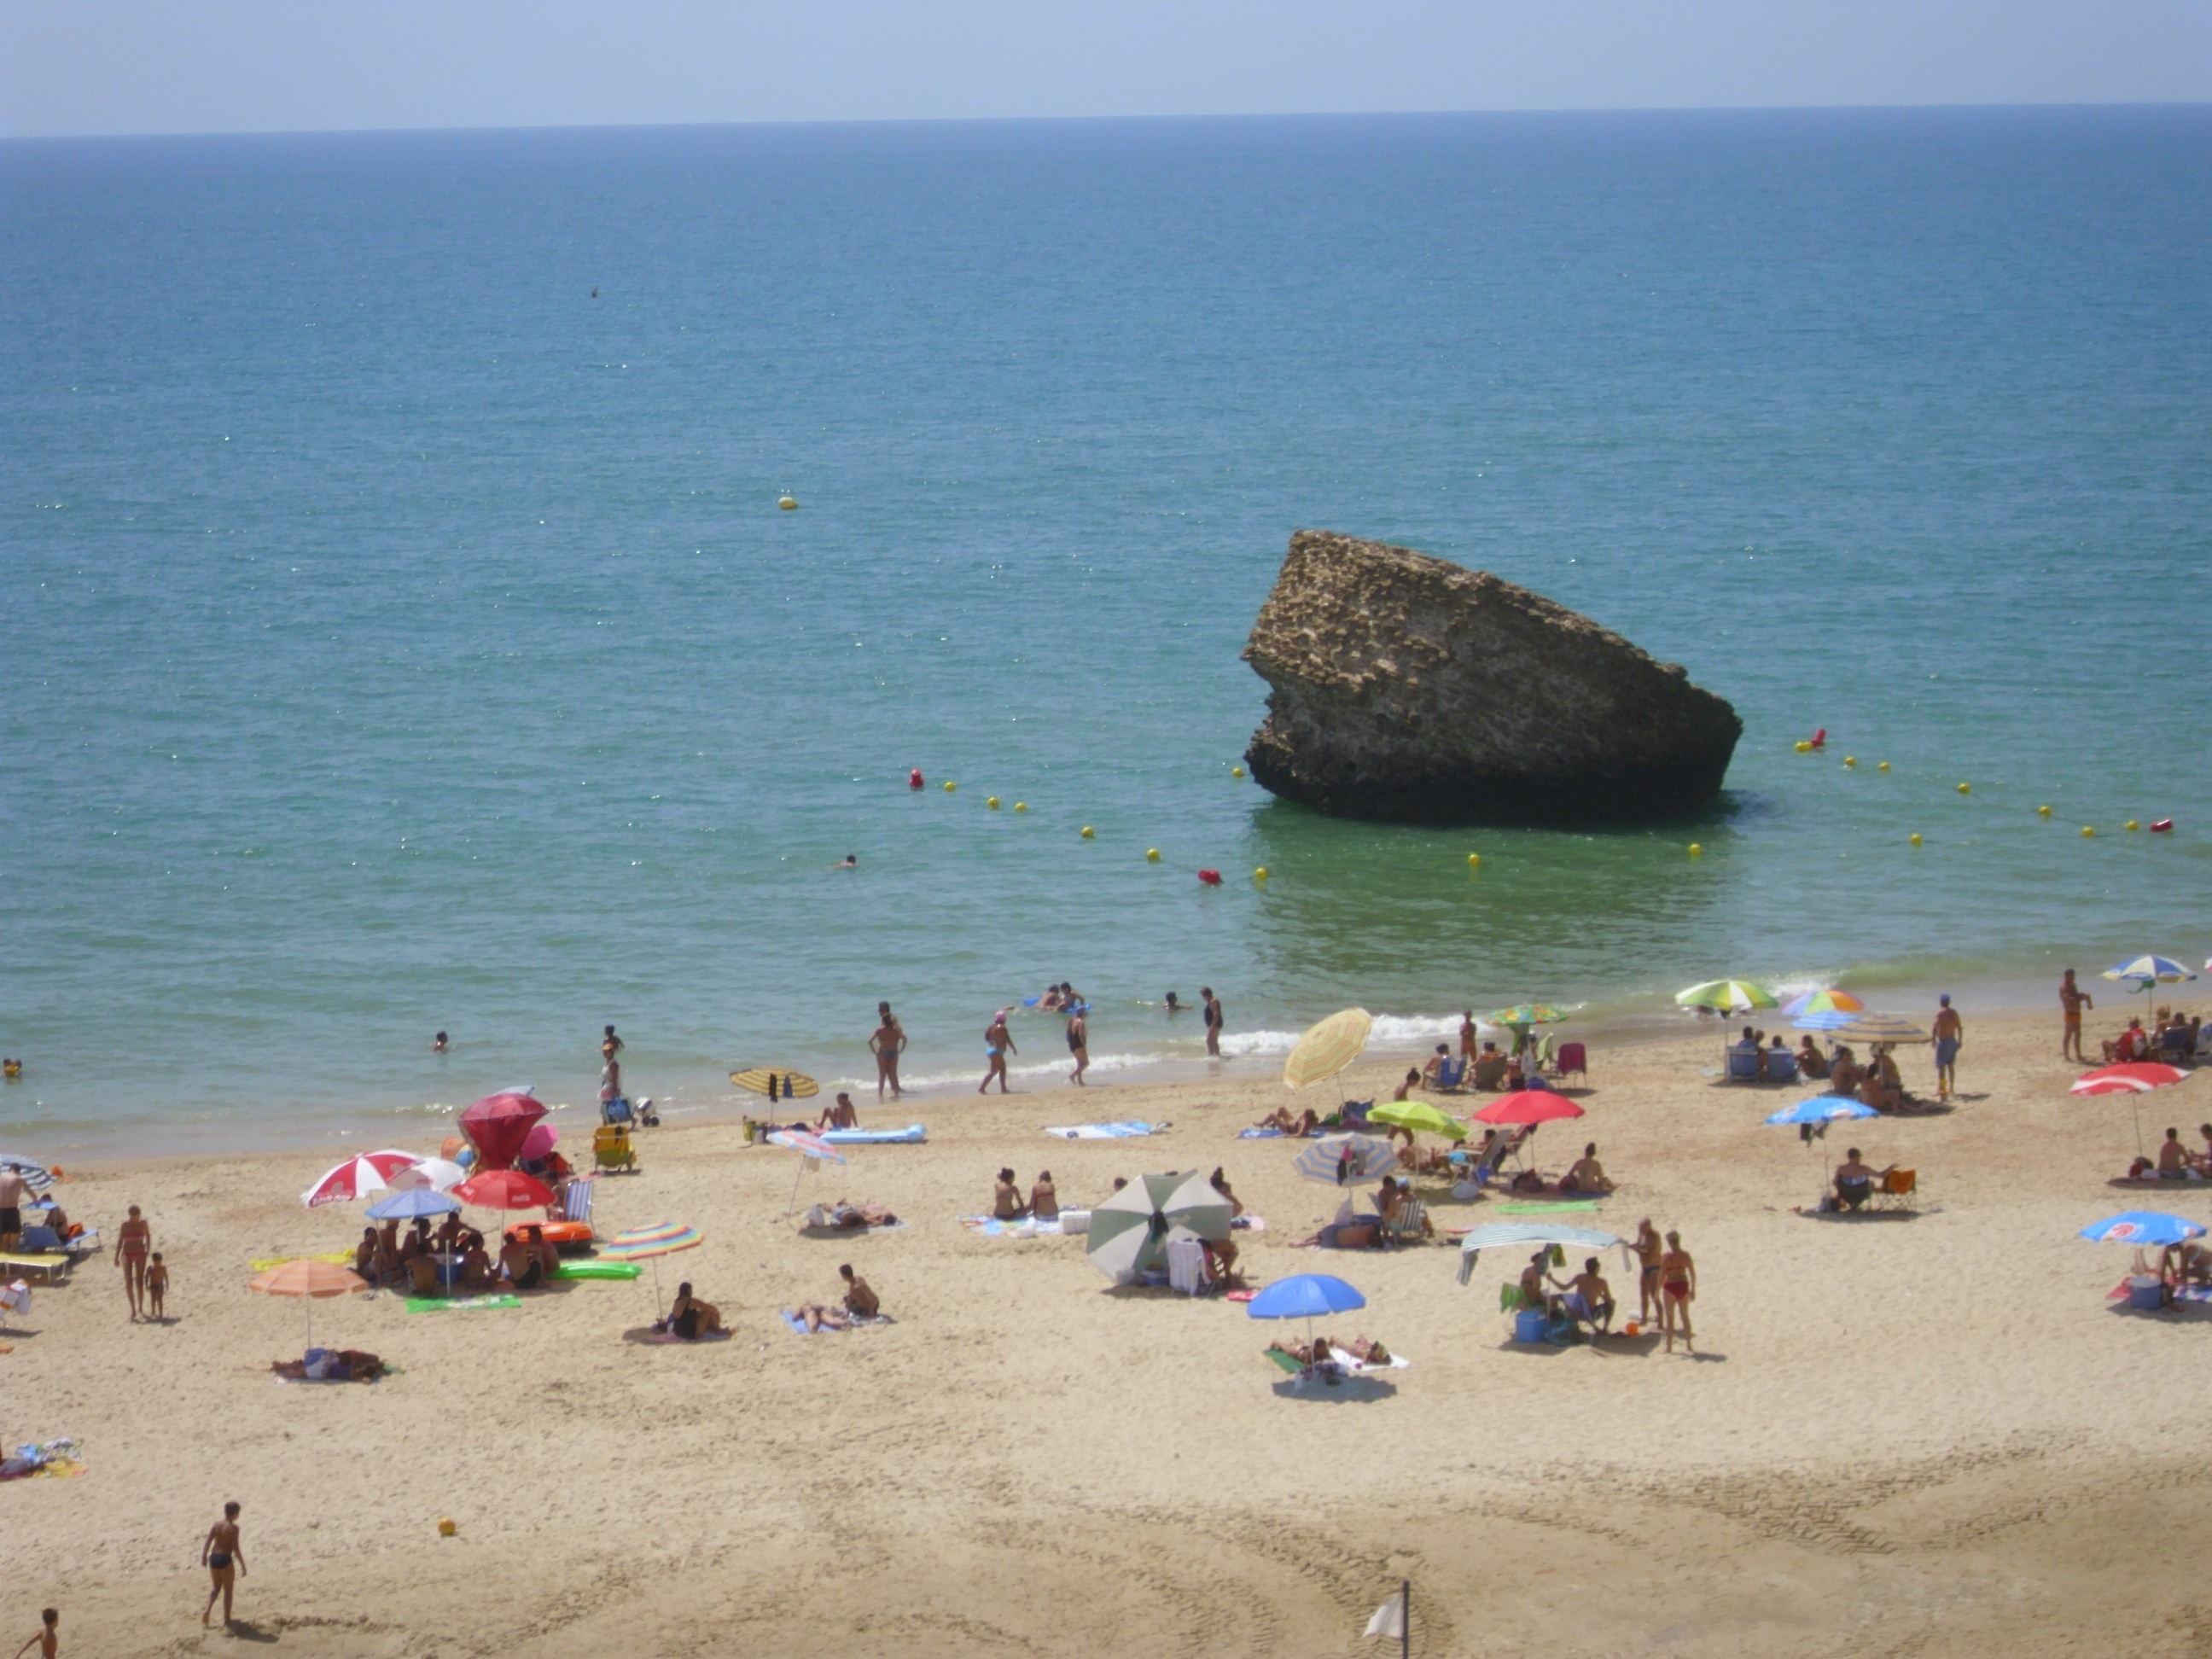 Ayuntamiento de Almonte presenta alegaciones ante la decisión de retirar la bandera de la playa de Matalascañas